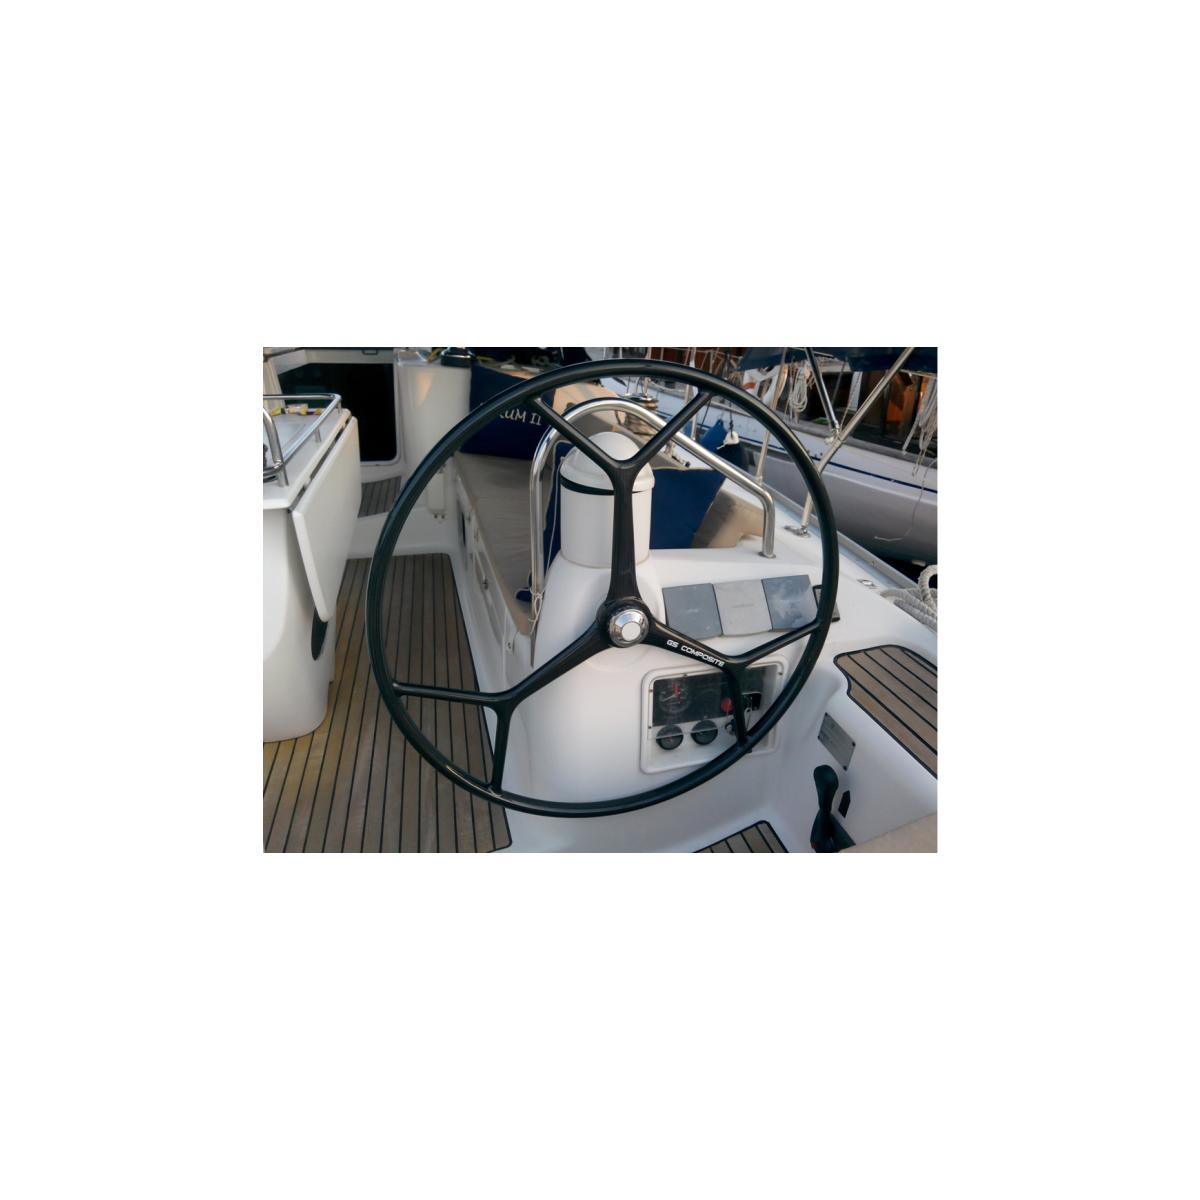 Carbon Steering Wheels, race 3-spoke model